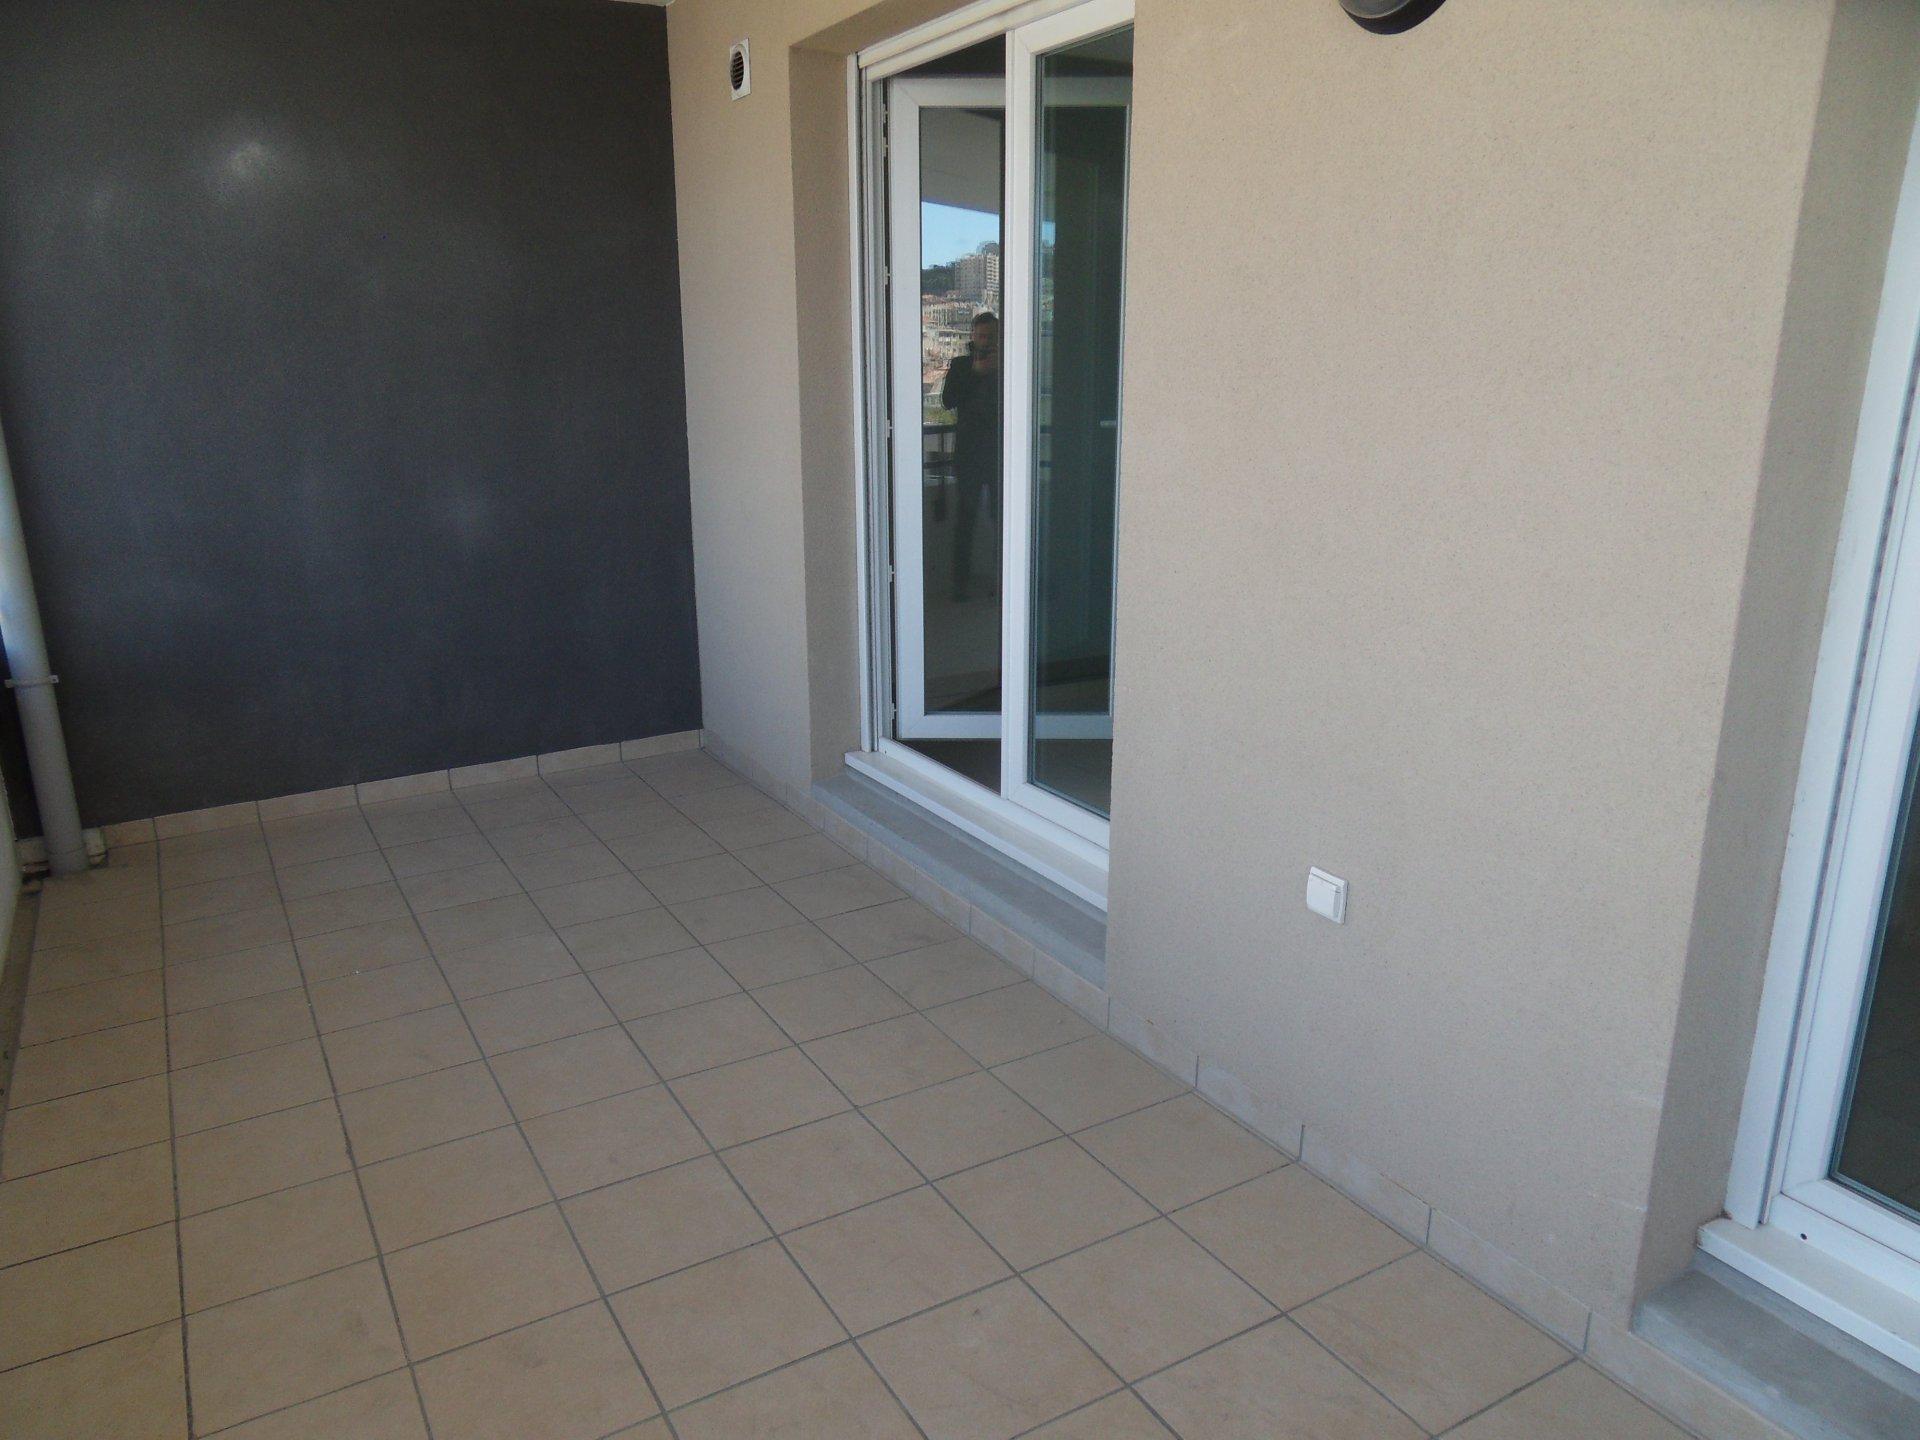 Location Appartement - Marseille 8ème Le Rouet